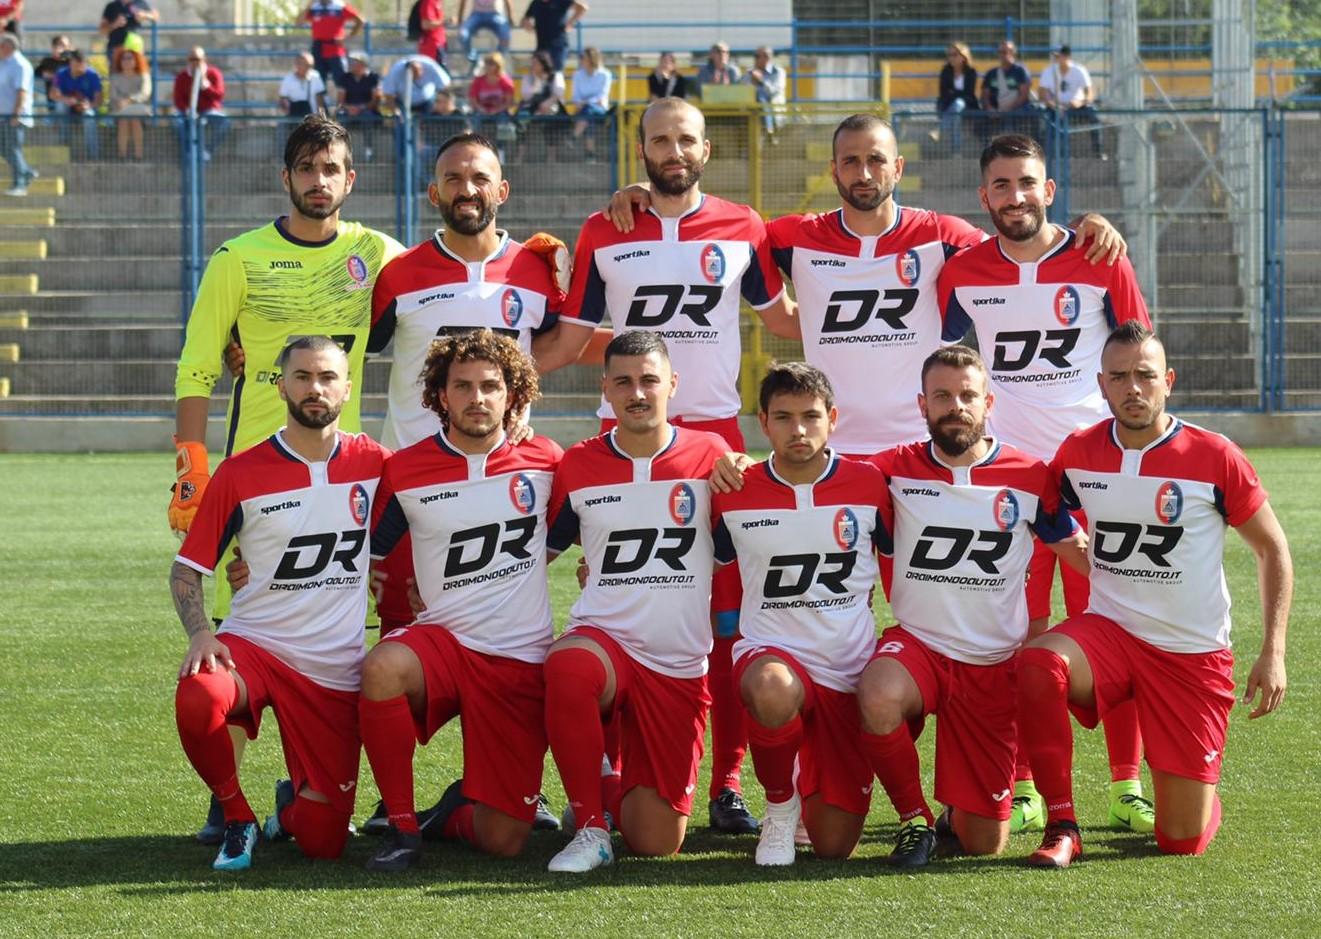 Calcio, Promozione: il Frigintini beffato all'ultimo respiro e con la don Bosco finisce 2 a 2